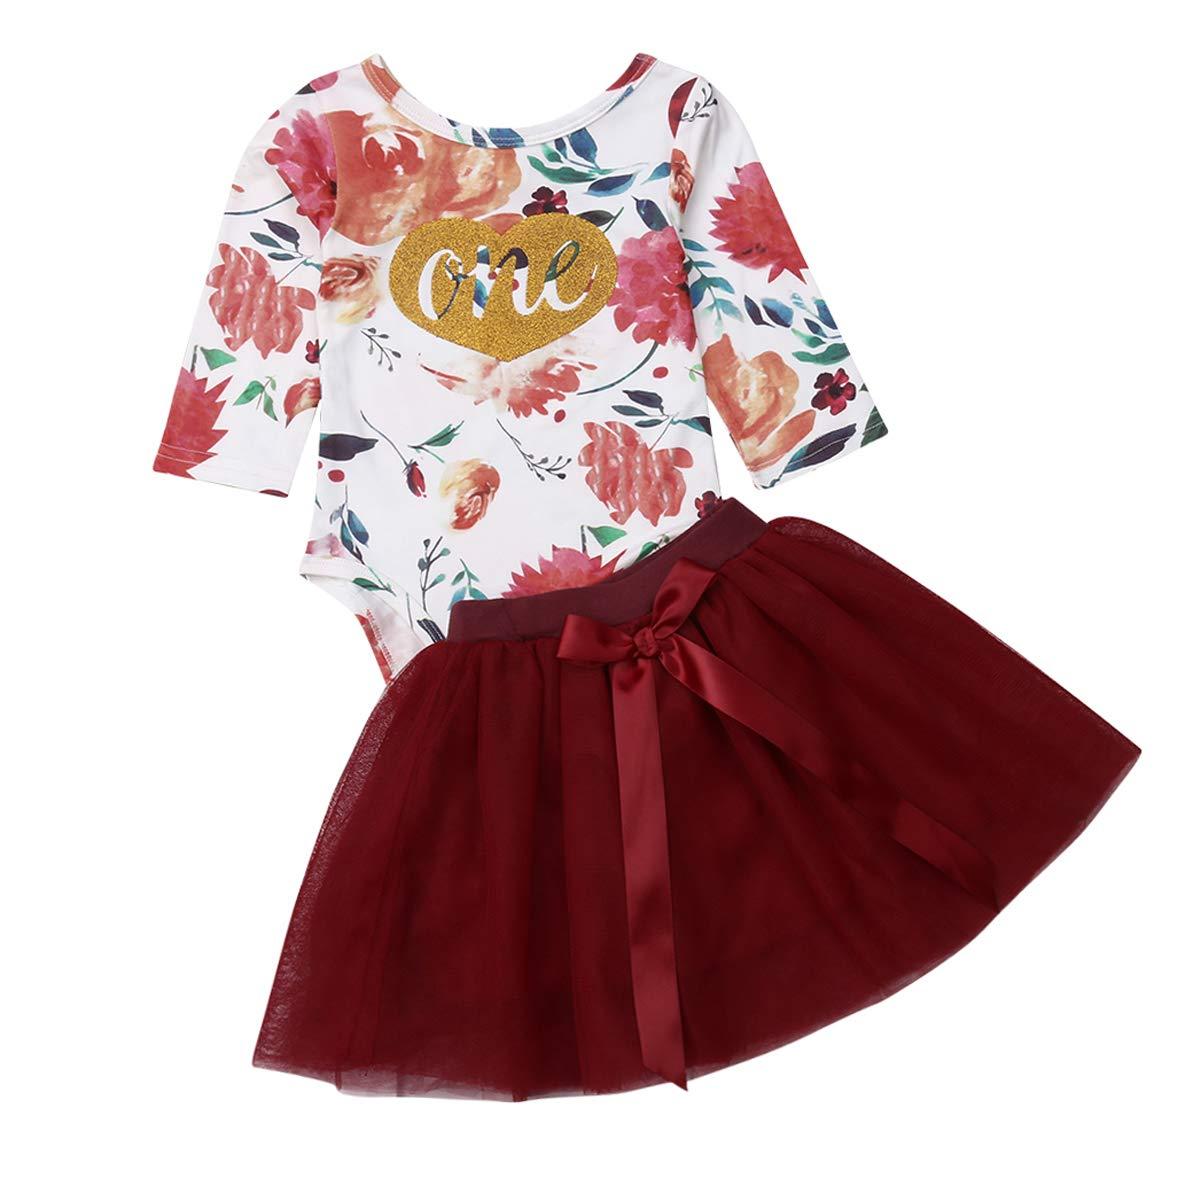 2Pcs Little Baby Girls Floral Print Romper Sheer Mesh Red Skirt Dress Set